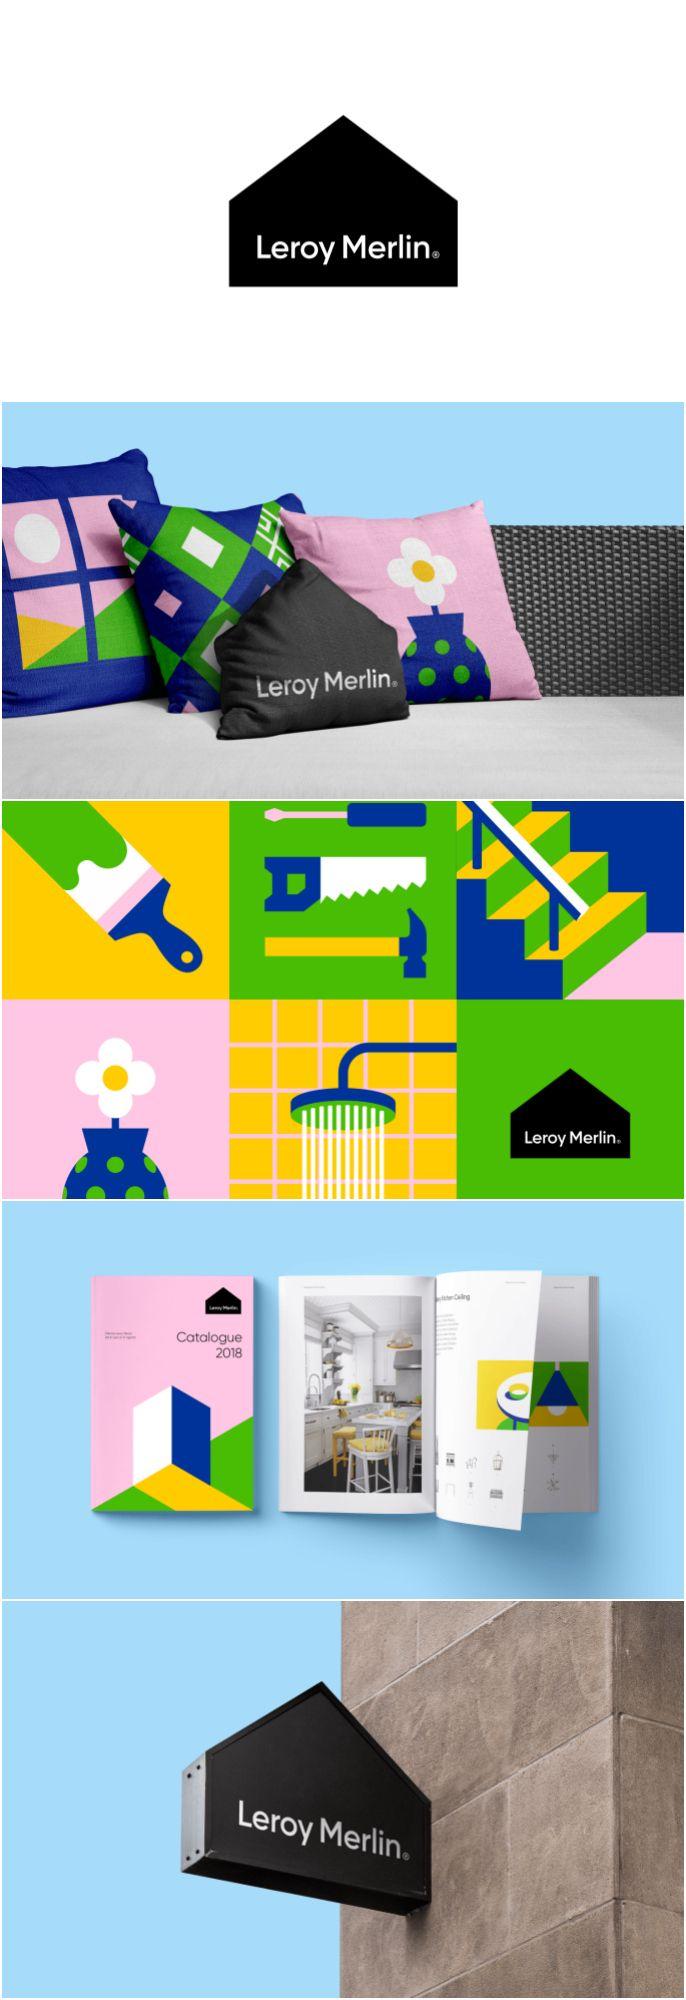 Rebranding Freelancer Concept For French International Retailer Leroy Merlin Rebranding Branding Design Packaging Design